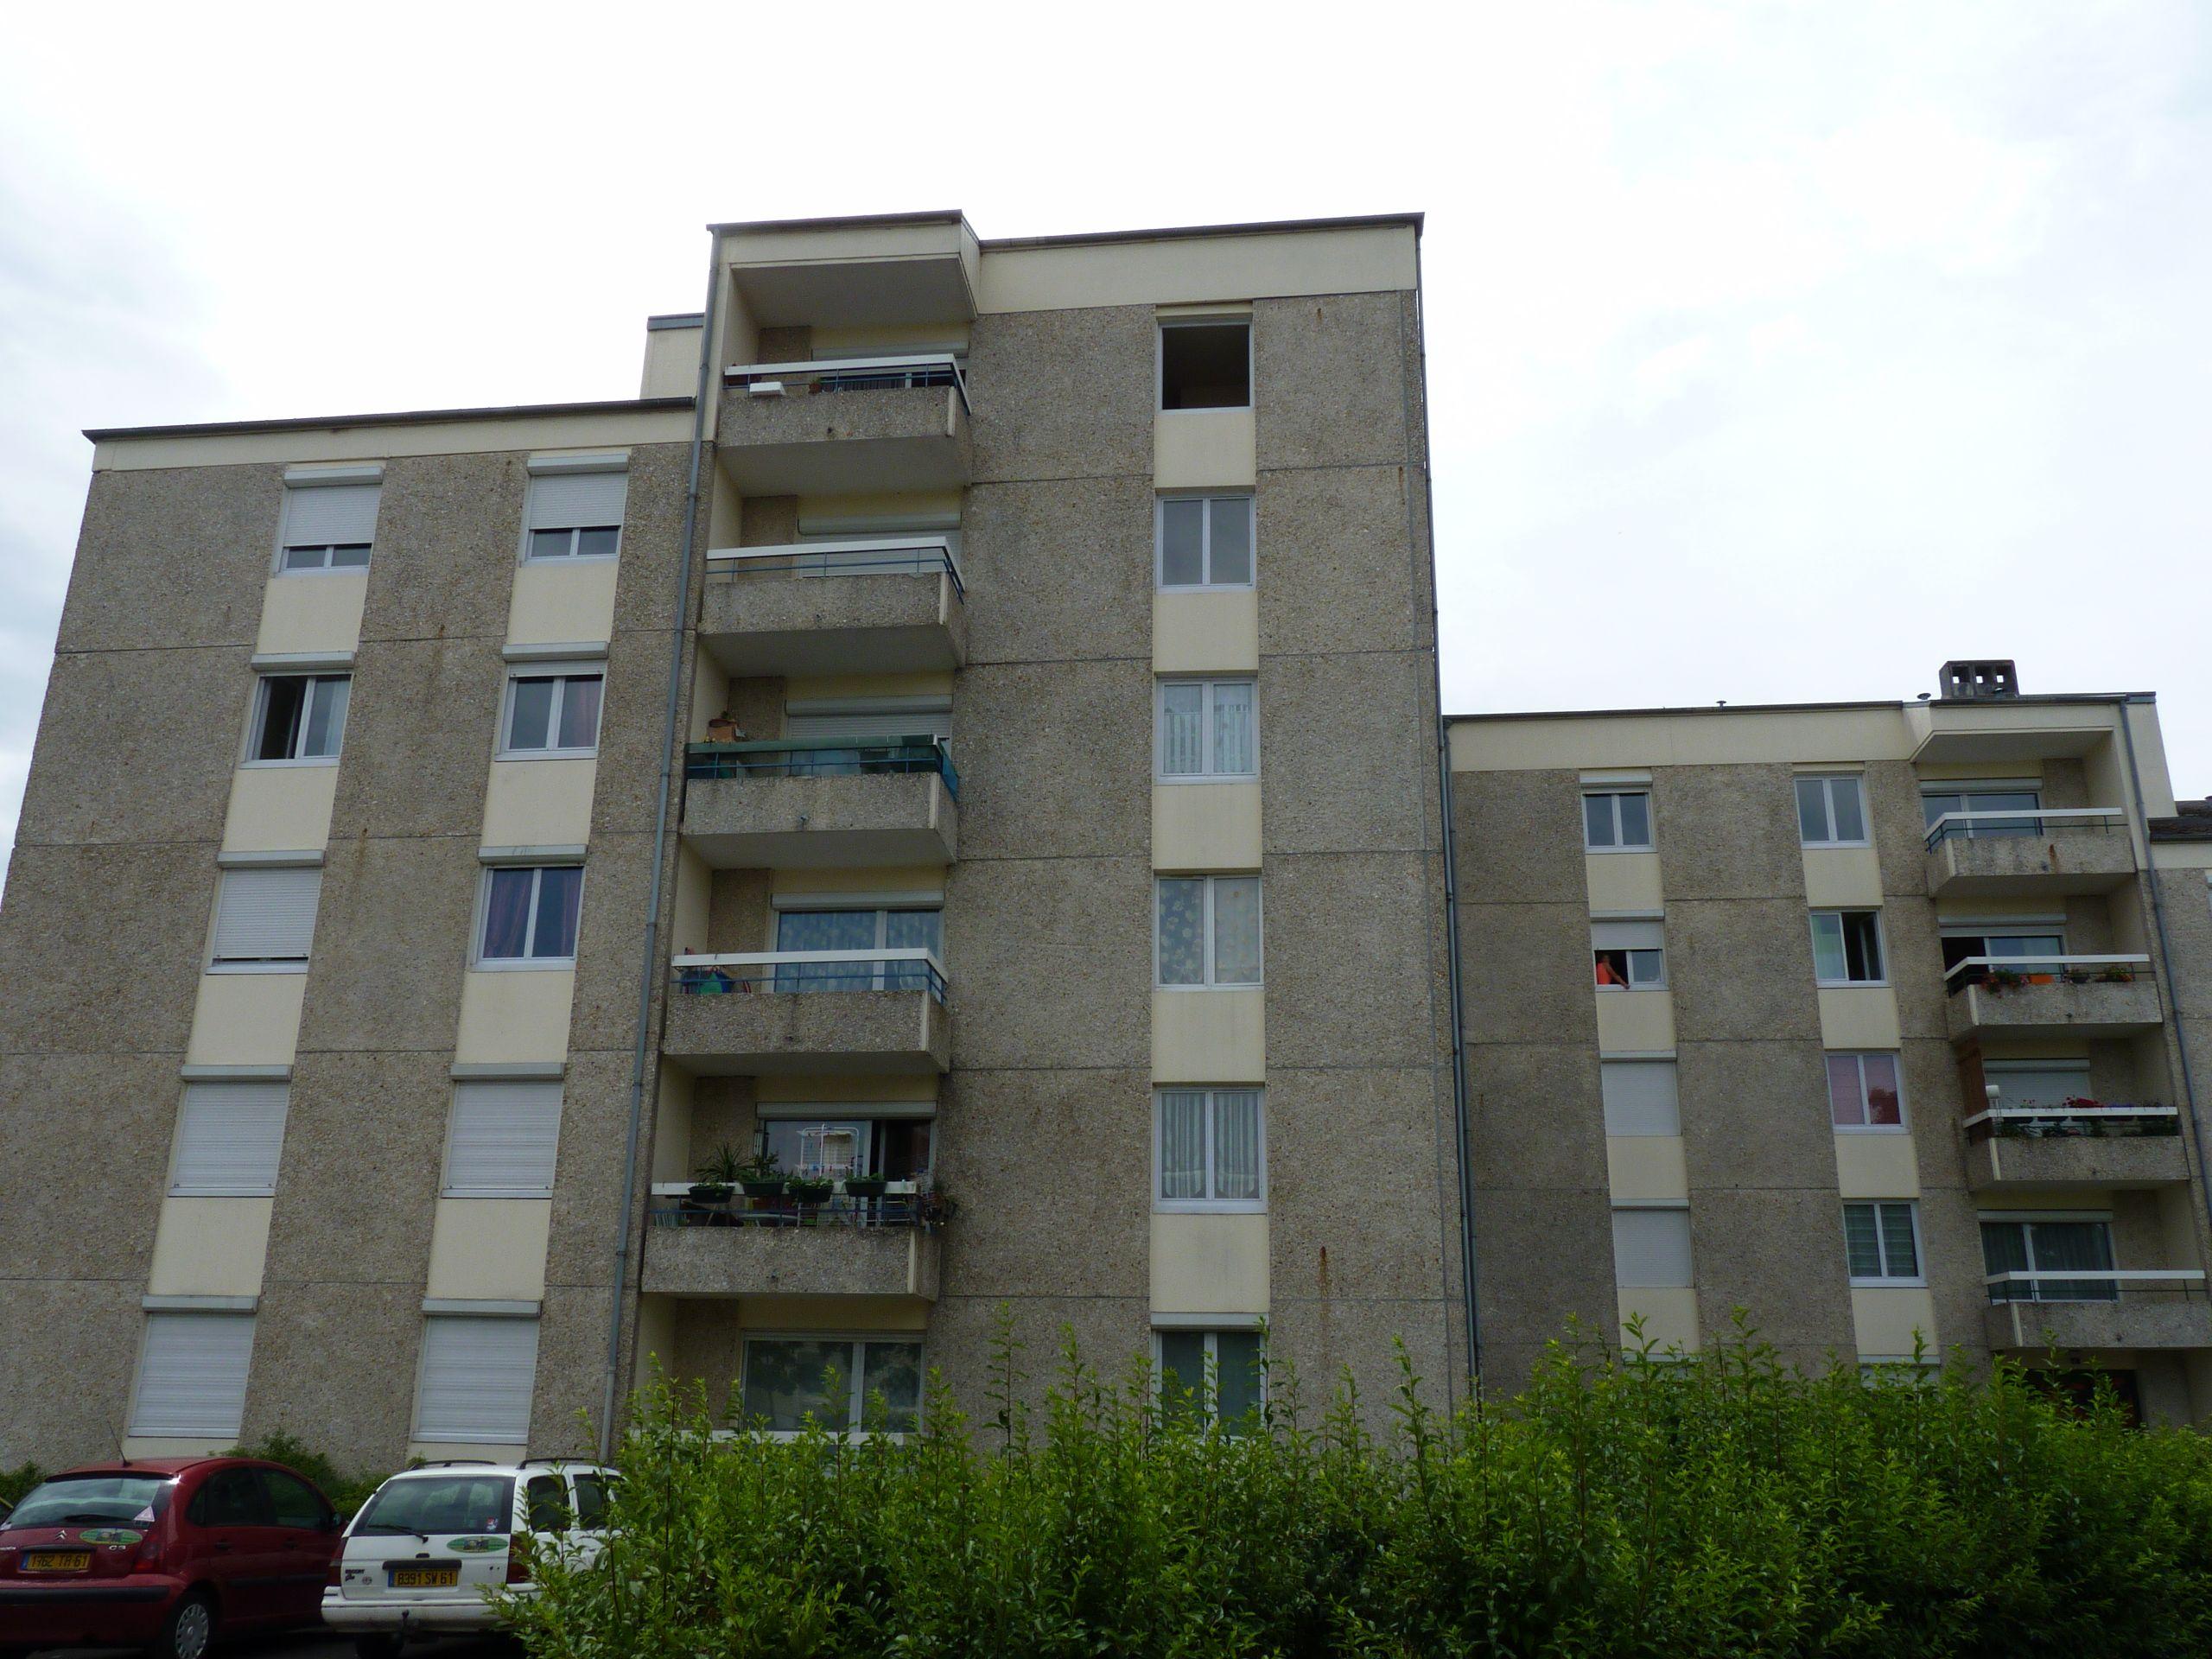 Logement argentan locataion appartement t5 for Entretien exterieur locataire